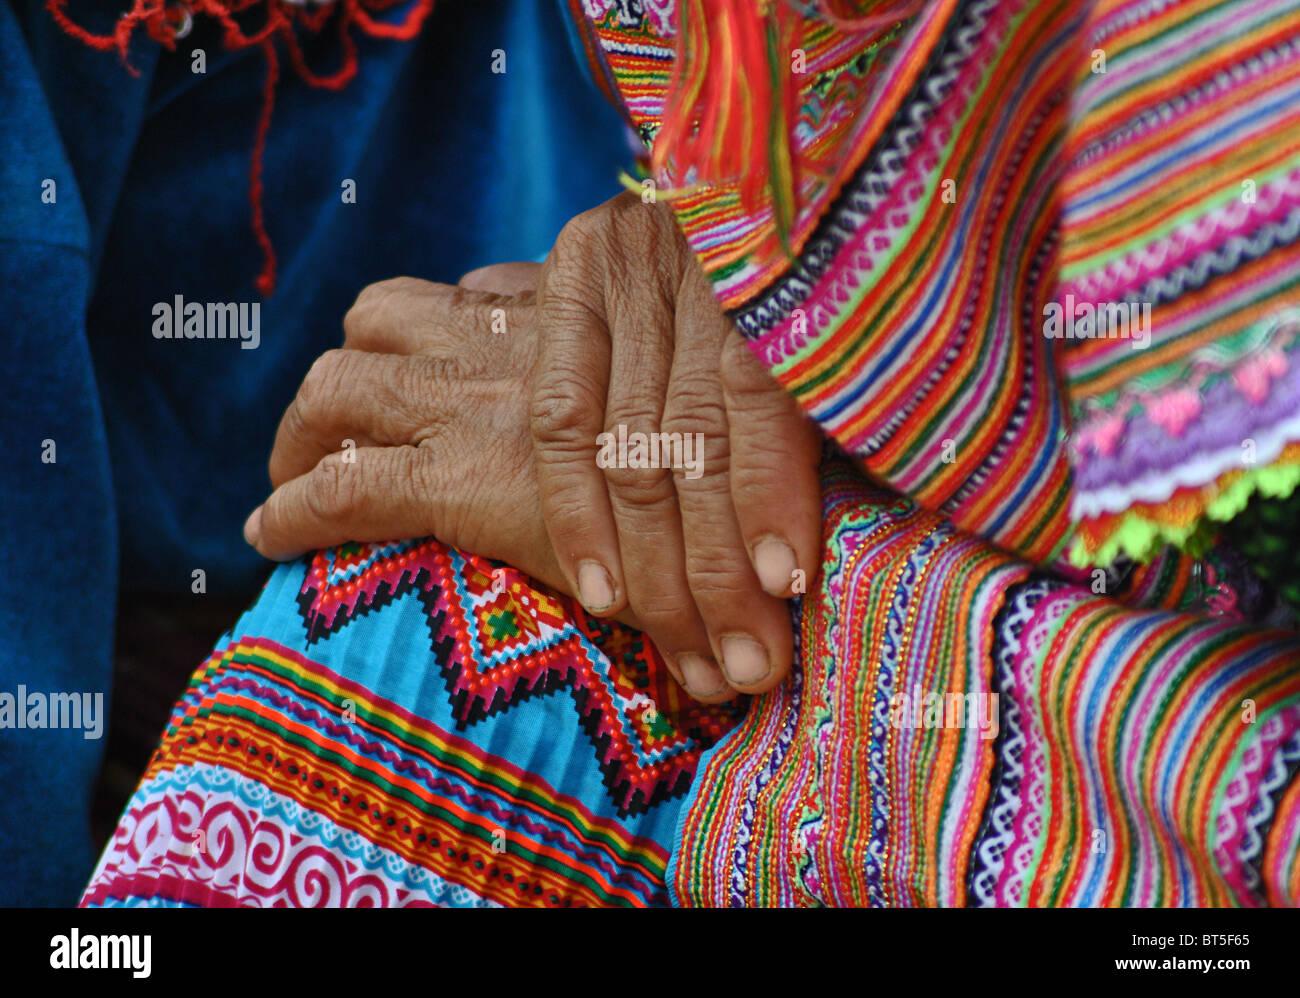 Detail of hands of an elderly 'Flower Hmong' tribal woman near Sapa, Vietnam - Stock Image